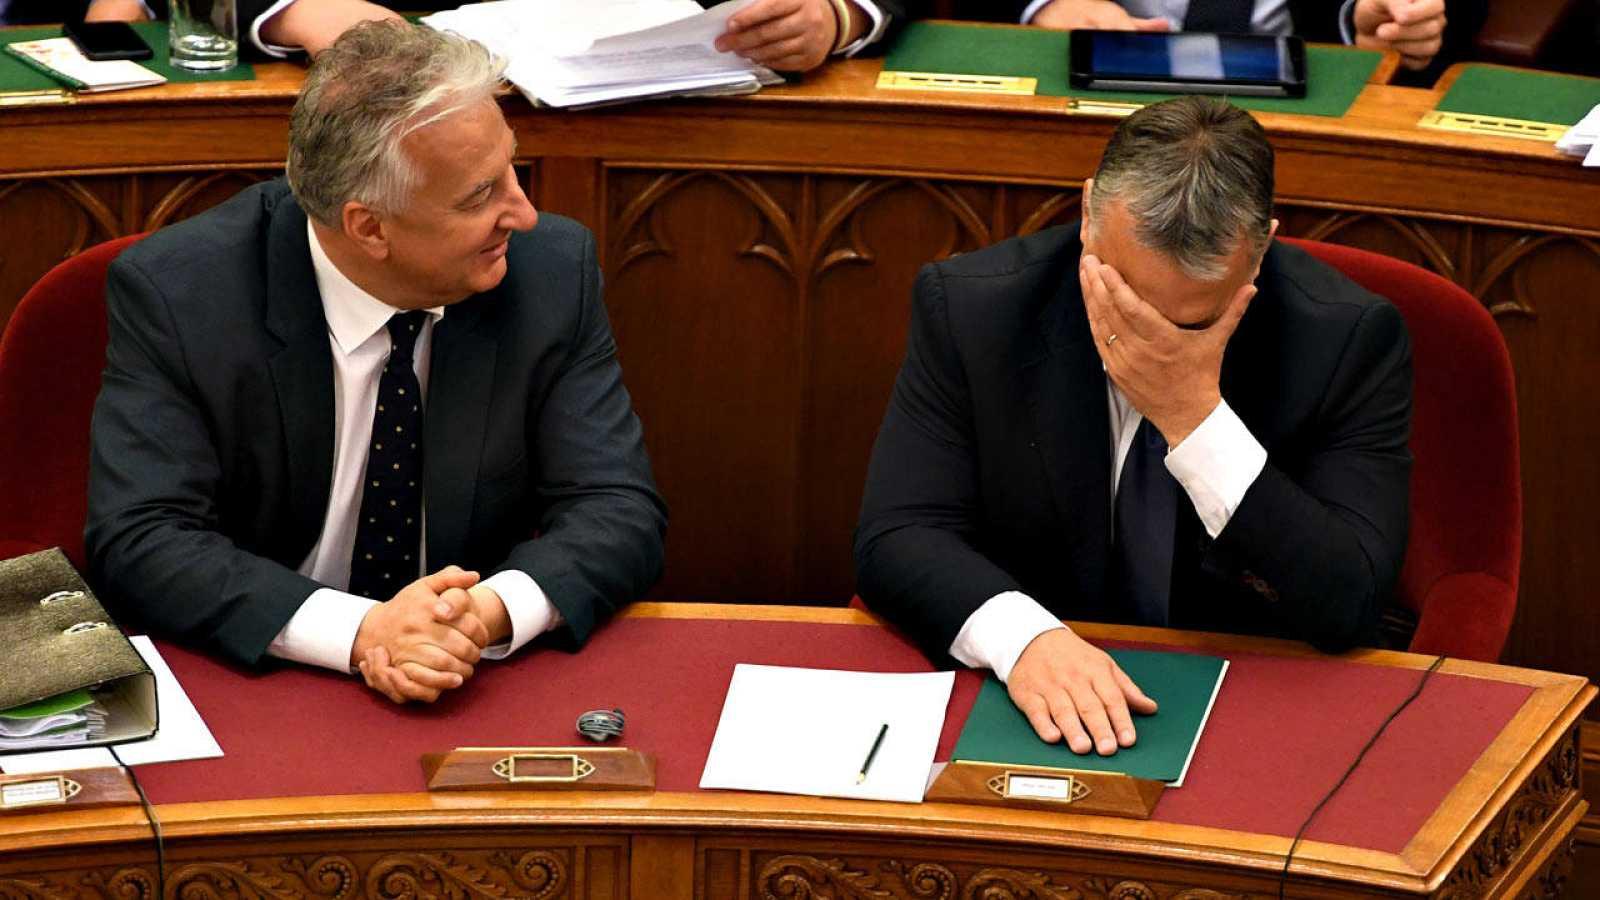 A la derecha, el primer ministro húngaro, Viktor Orbán, se lamenta durante la sesión parlamentaria que ha rechazado su enmienda constitucional sobre refugiados